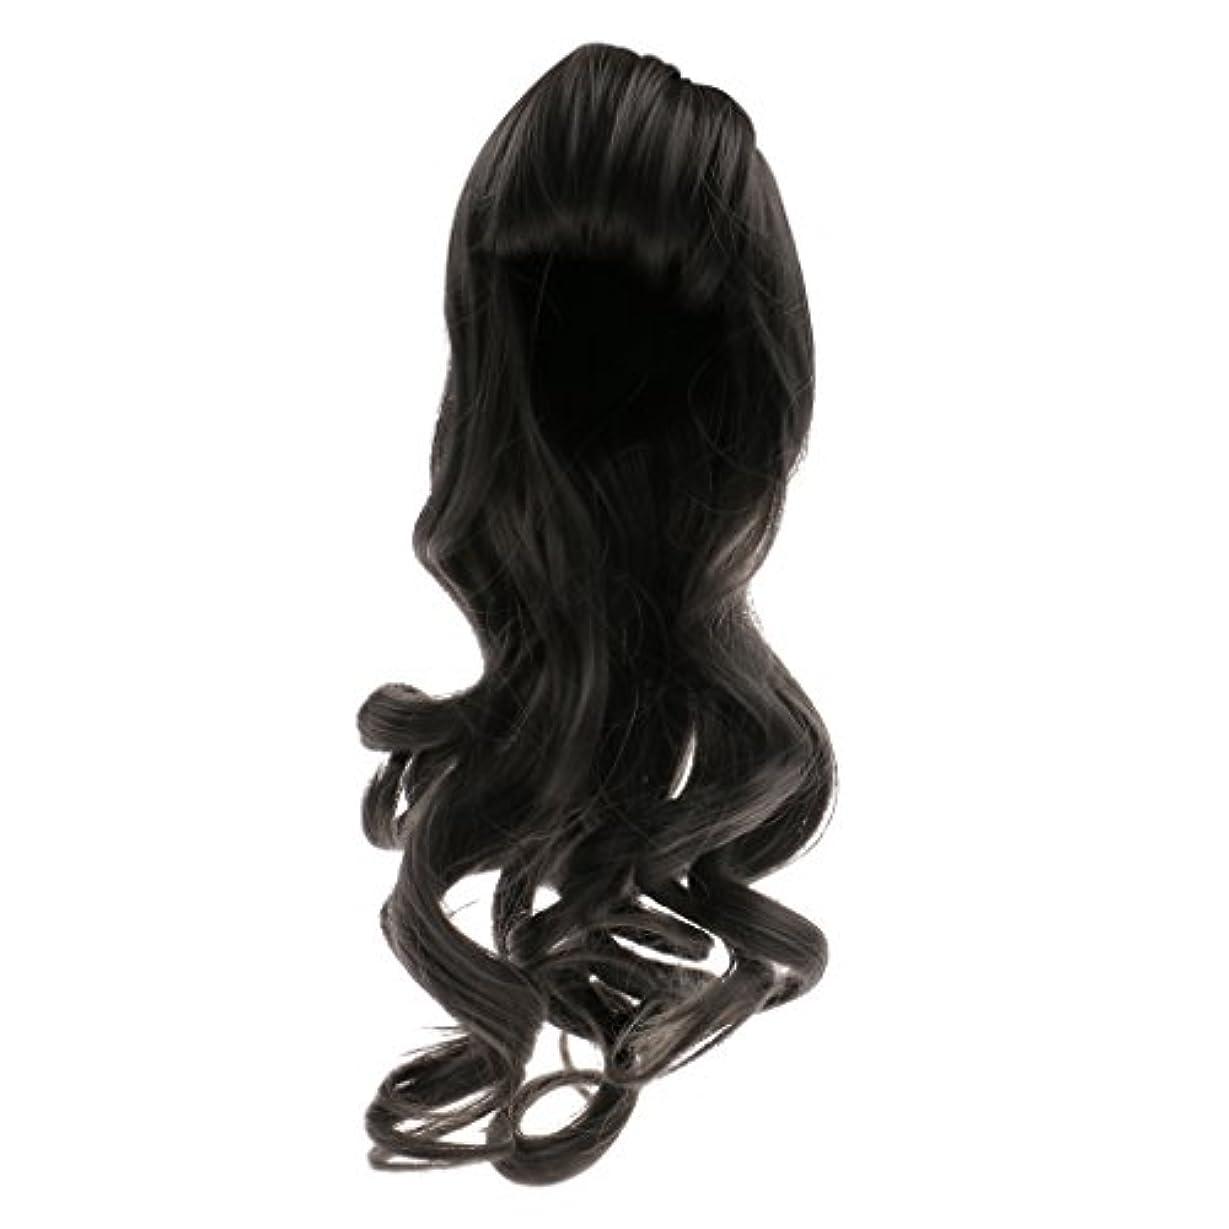 ガウンサーキュレーション表現Blesiya 人形用 ドールウィッグ かつら 巻き毛 波状髪 セクシー 前髪 ブライス人形適用 全6色選べ  - #1